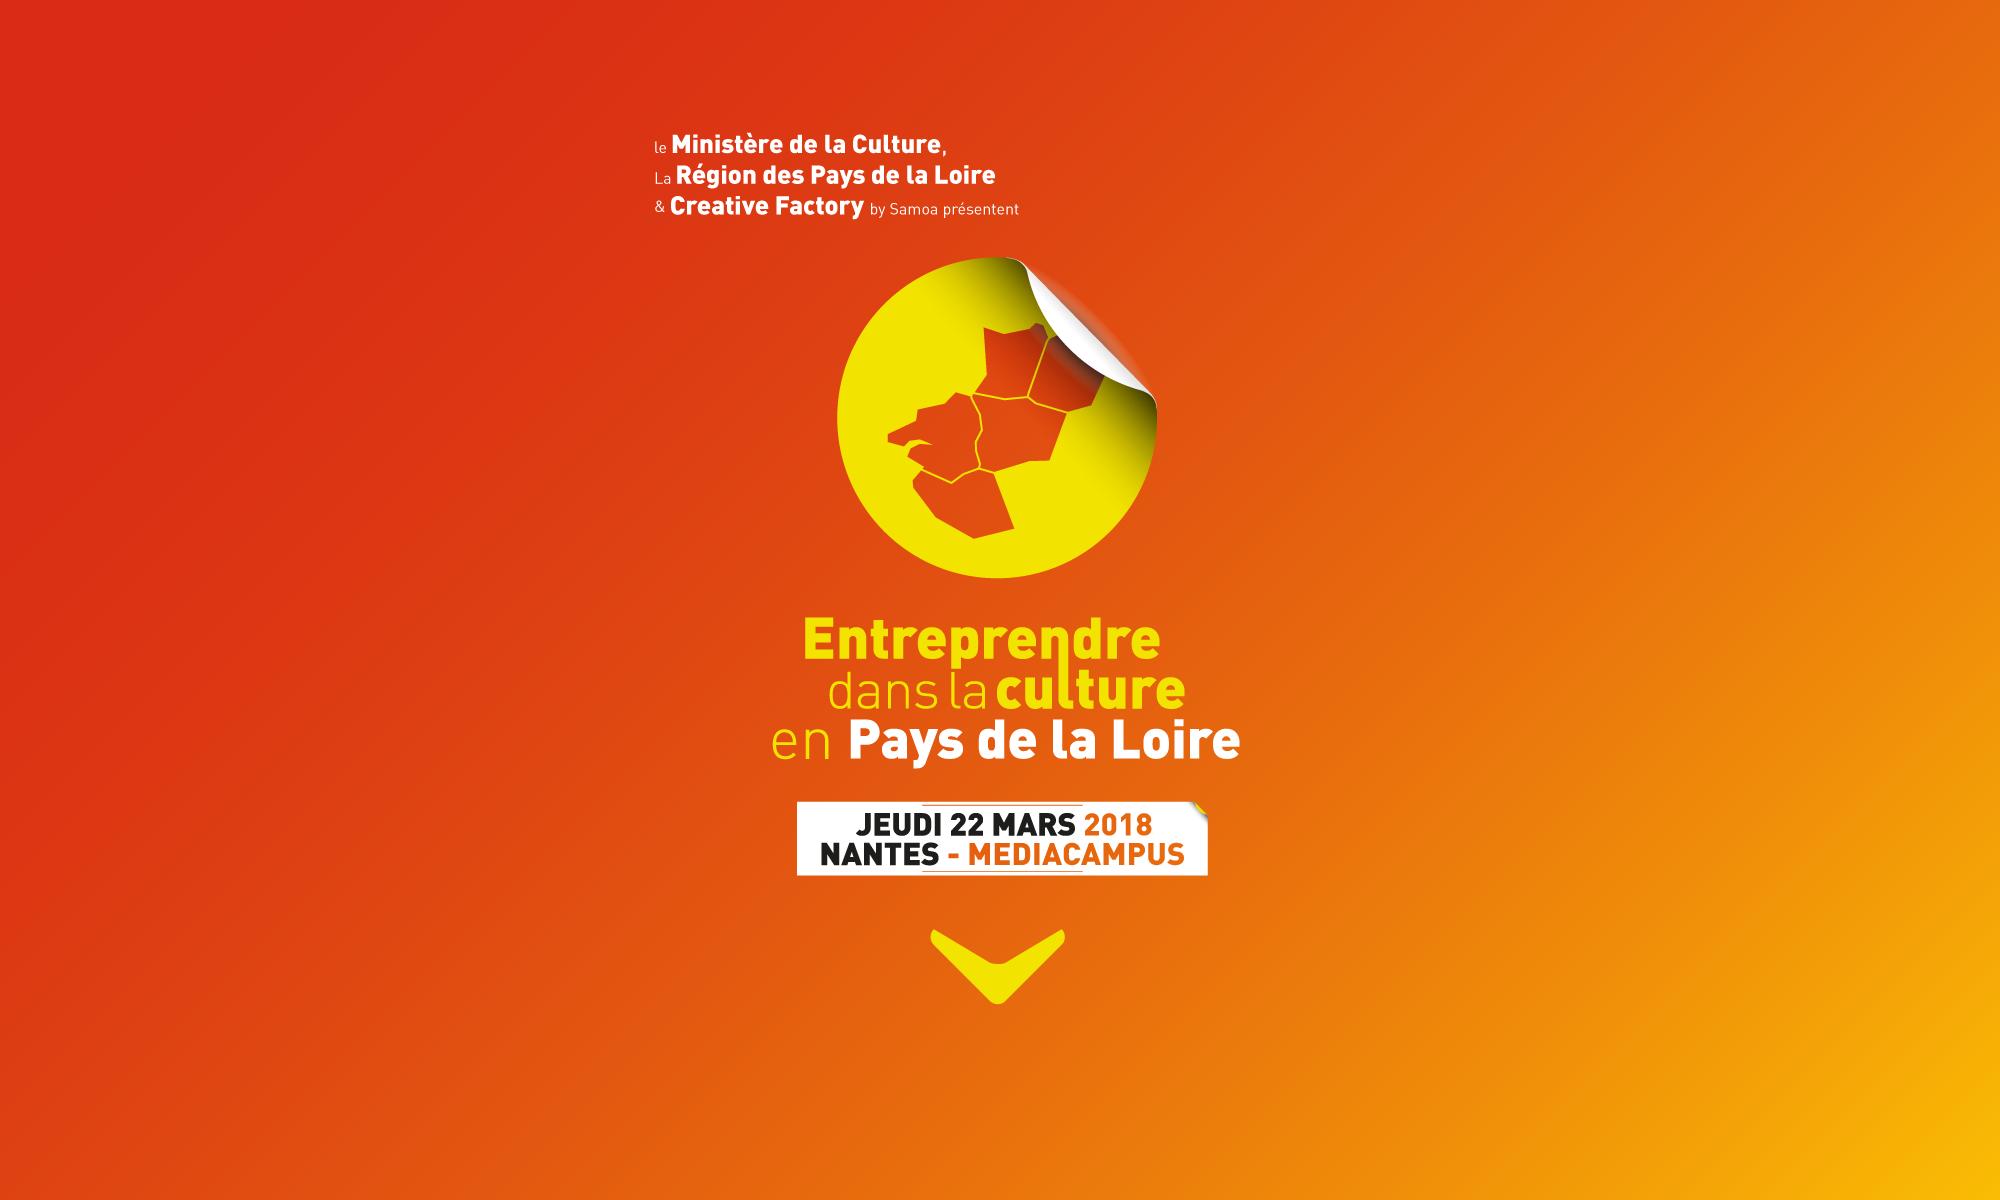 Entreprendre dans la Culture Pays de la Loire